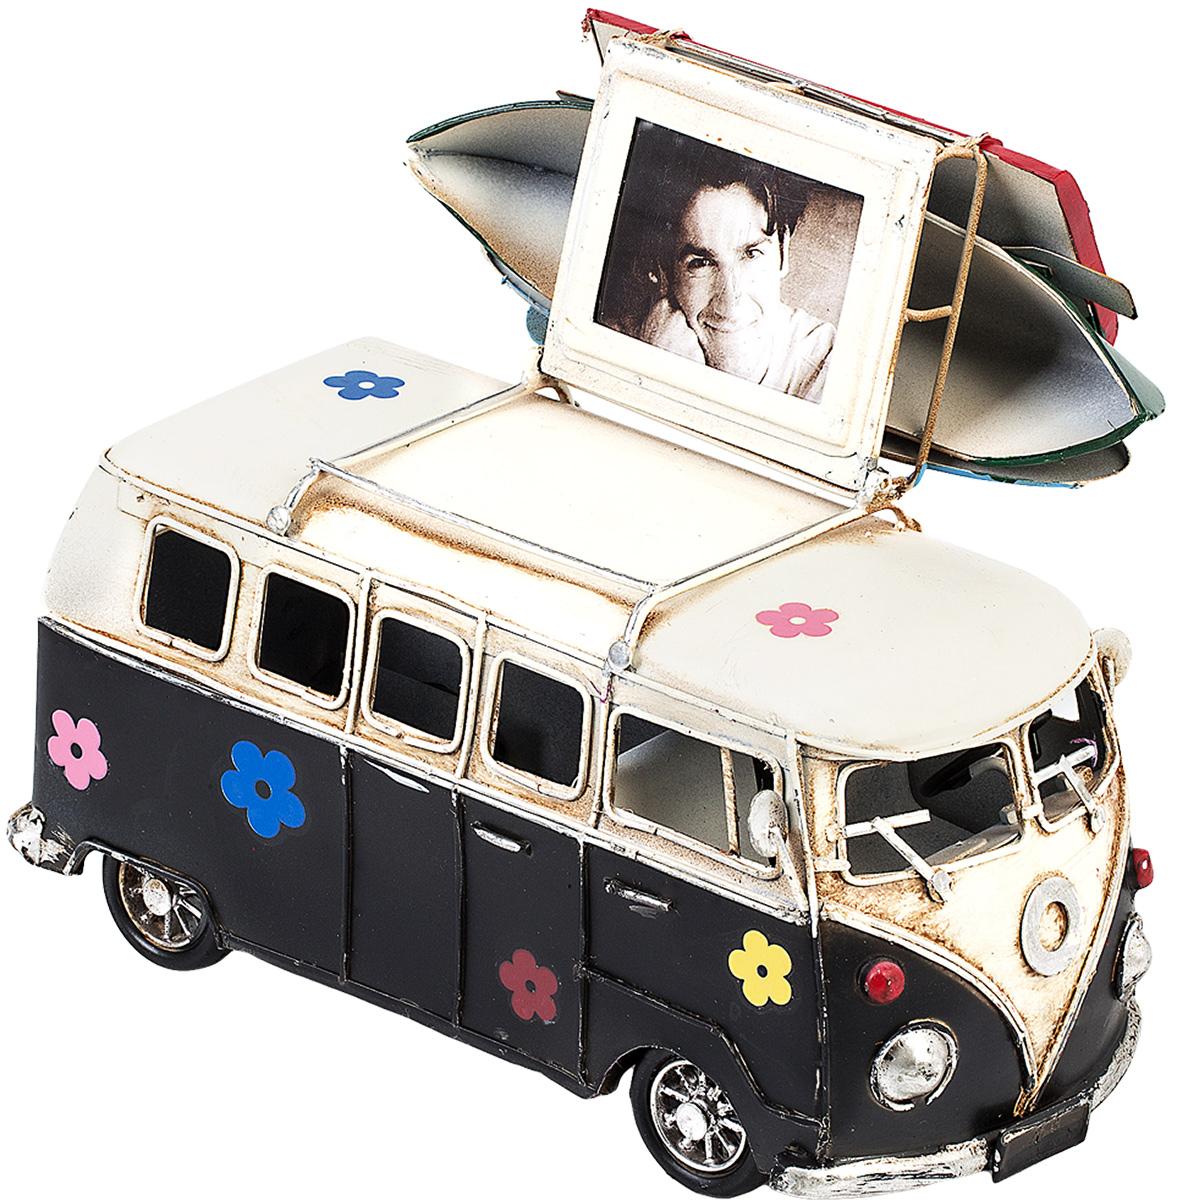 Модель Platinum Автобус, с фоторамкой и копилкой. 1404E-4349NLED-420-1.5W-RМодель Platinum Автобус, выполненная из металла, станет оригинальным украшением вашего интерьера. Вы можете поставить модель автобуса в любом месте, где она будет удачно смотреться.Изделие дополнено фоторамкой и копилкой.Качество исполнения, точные детали и оригинальный дизайн выделяют эту модель среди ряда подобных. Модель займет достойное место в вашей коллекции, а также приятно удивит получателя в качестве стильного сувенира.